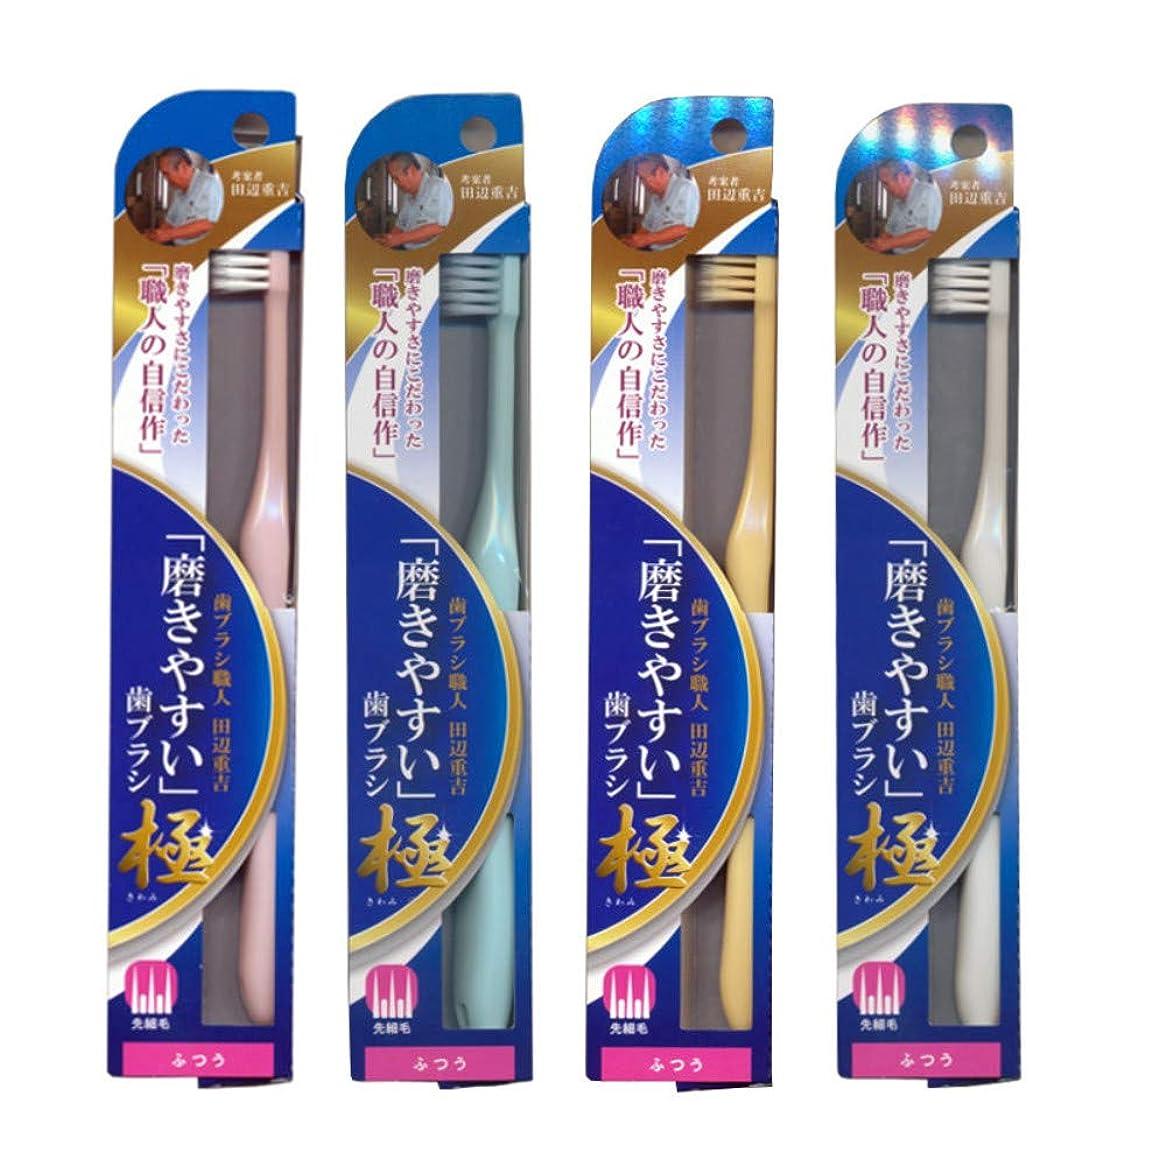 としてカリングパースブラックボロウ磨きやすい歯ブラシ極 (ふつう) LT-44×4本セット(ピンク×1、ブルー×1、ホワイト×1、イエロー×1)先細毛